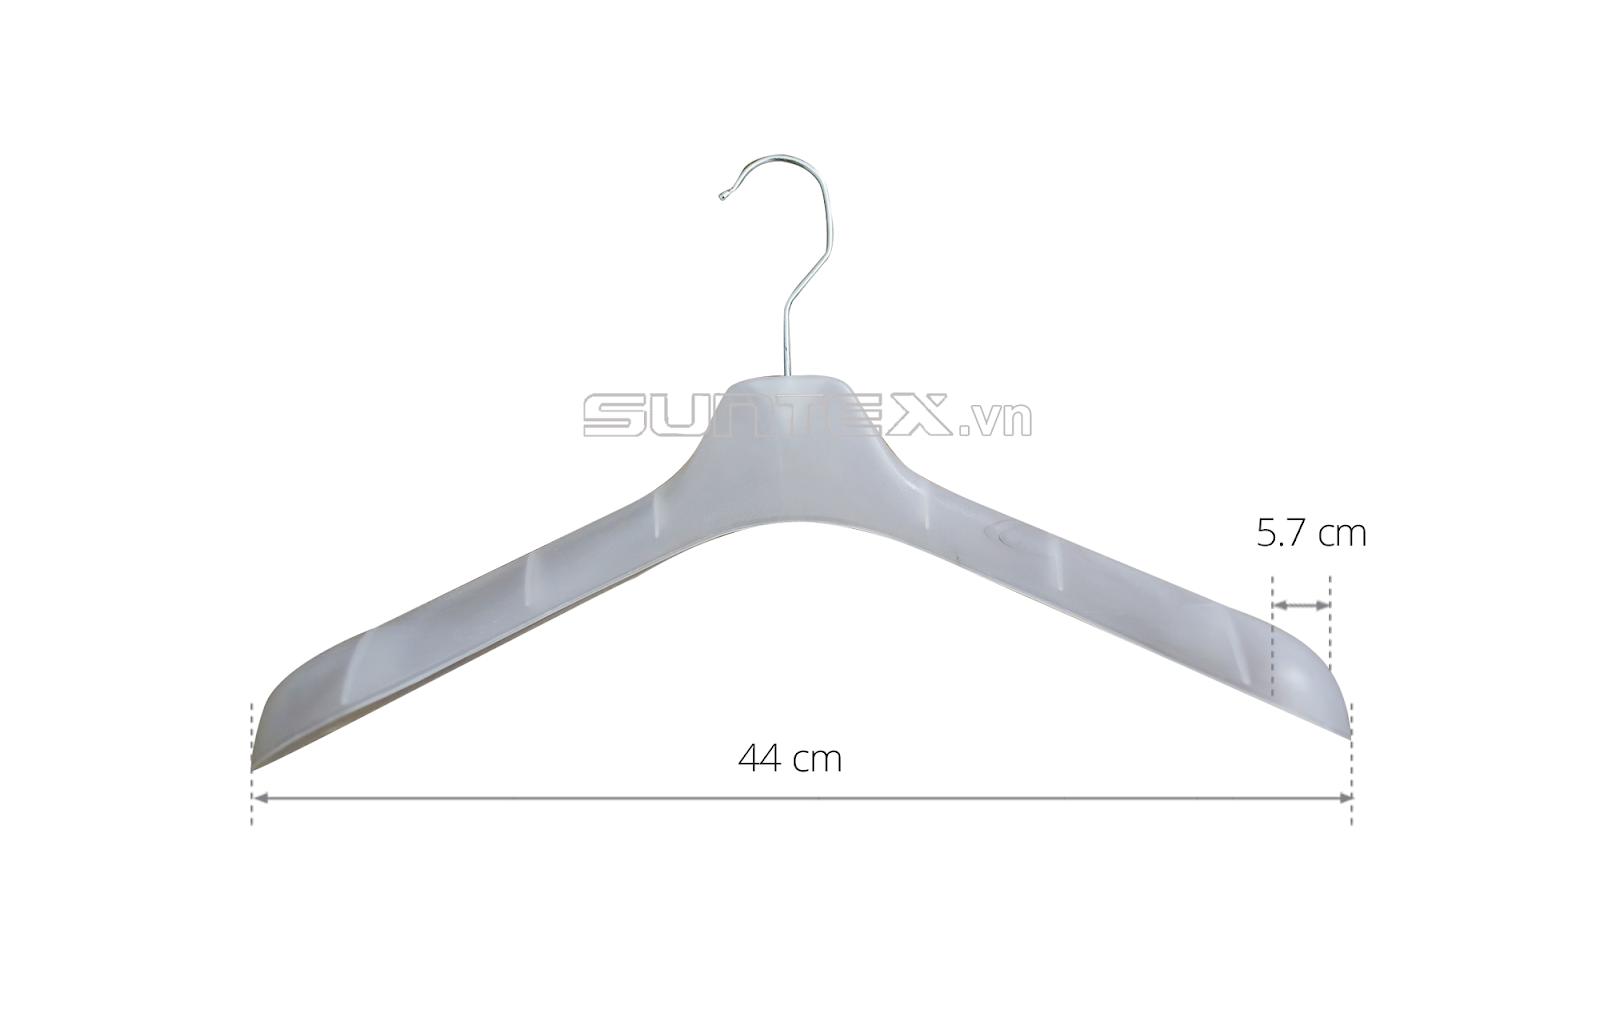 Móc quần áo nhựa thiết kế độc đáo, tiện lợi